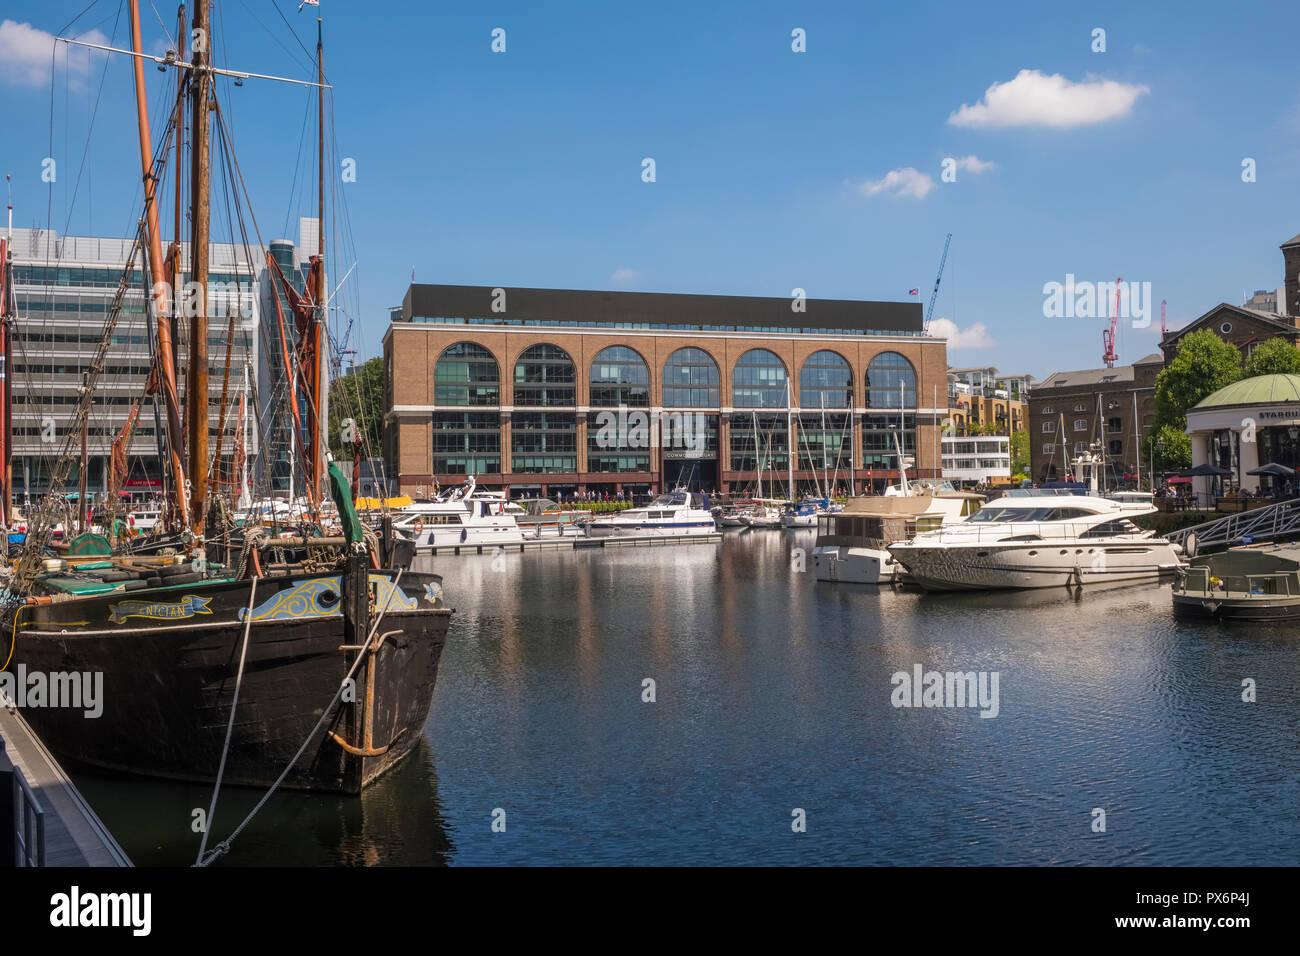 St Katharine Docks, London, England, UK - Stock Image